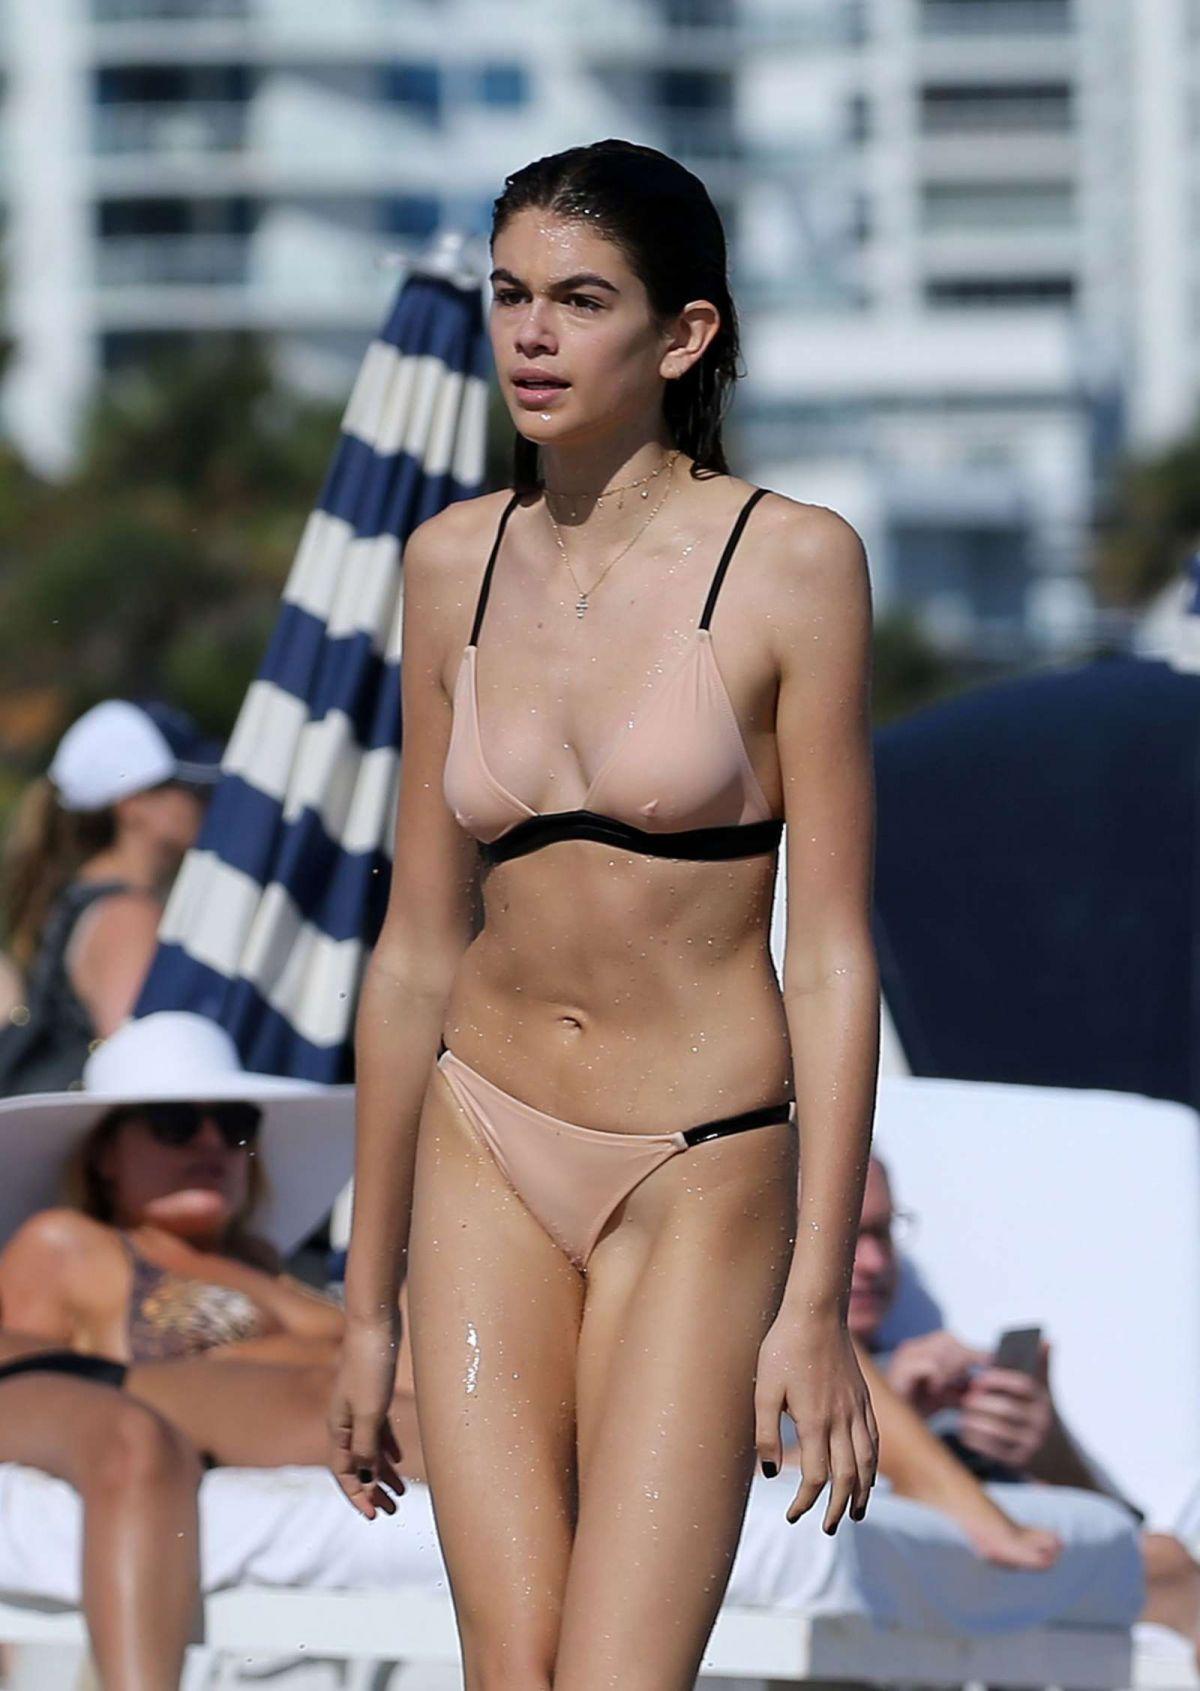 c6f6b8e78643d kaia-gerber-in-bikini-on-the-beach-in-miami-12-27-2016 25 - HawtCelebs